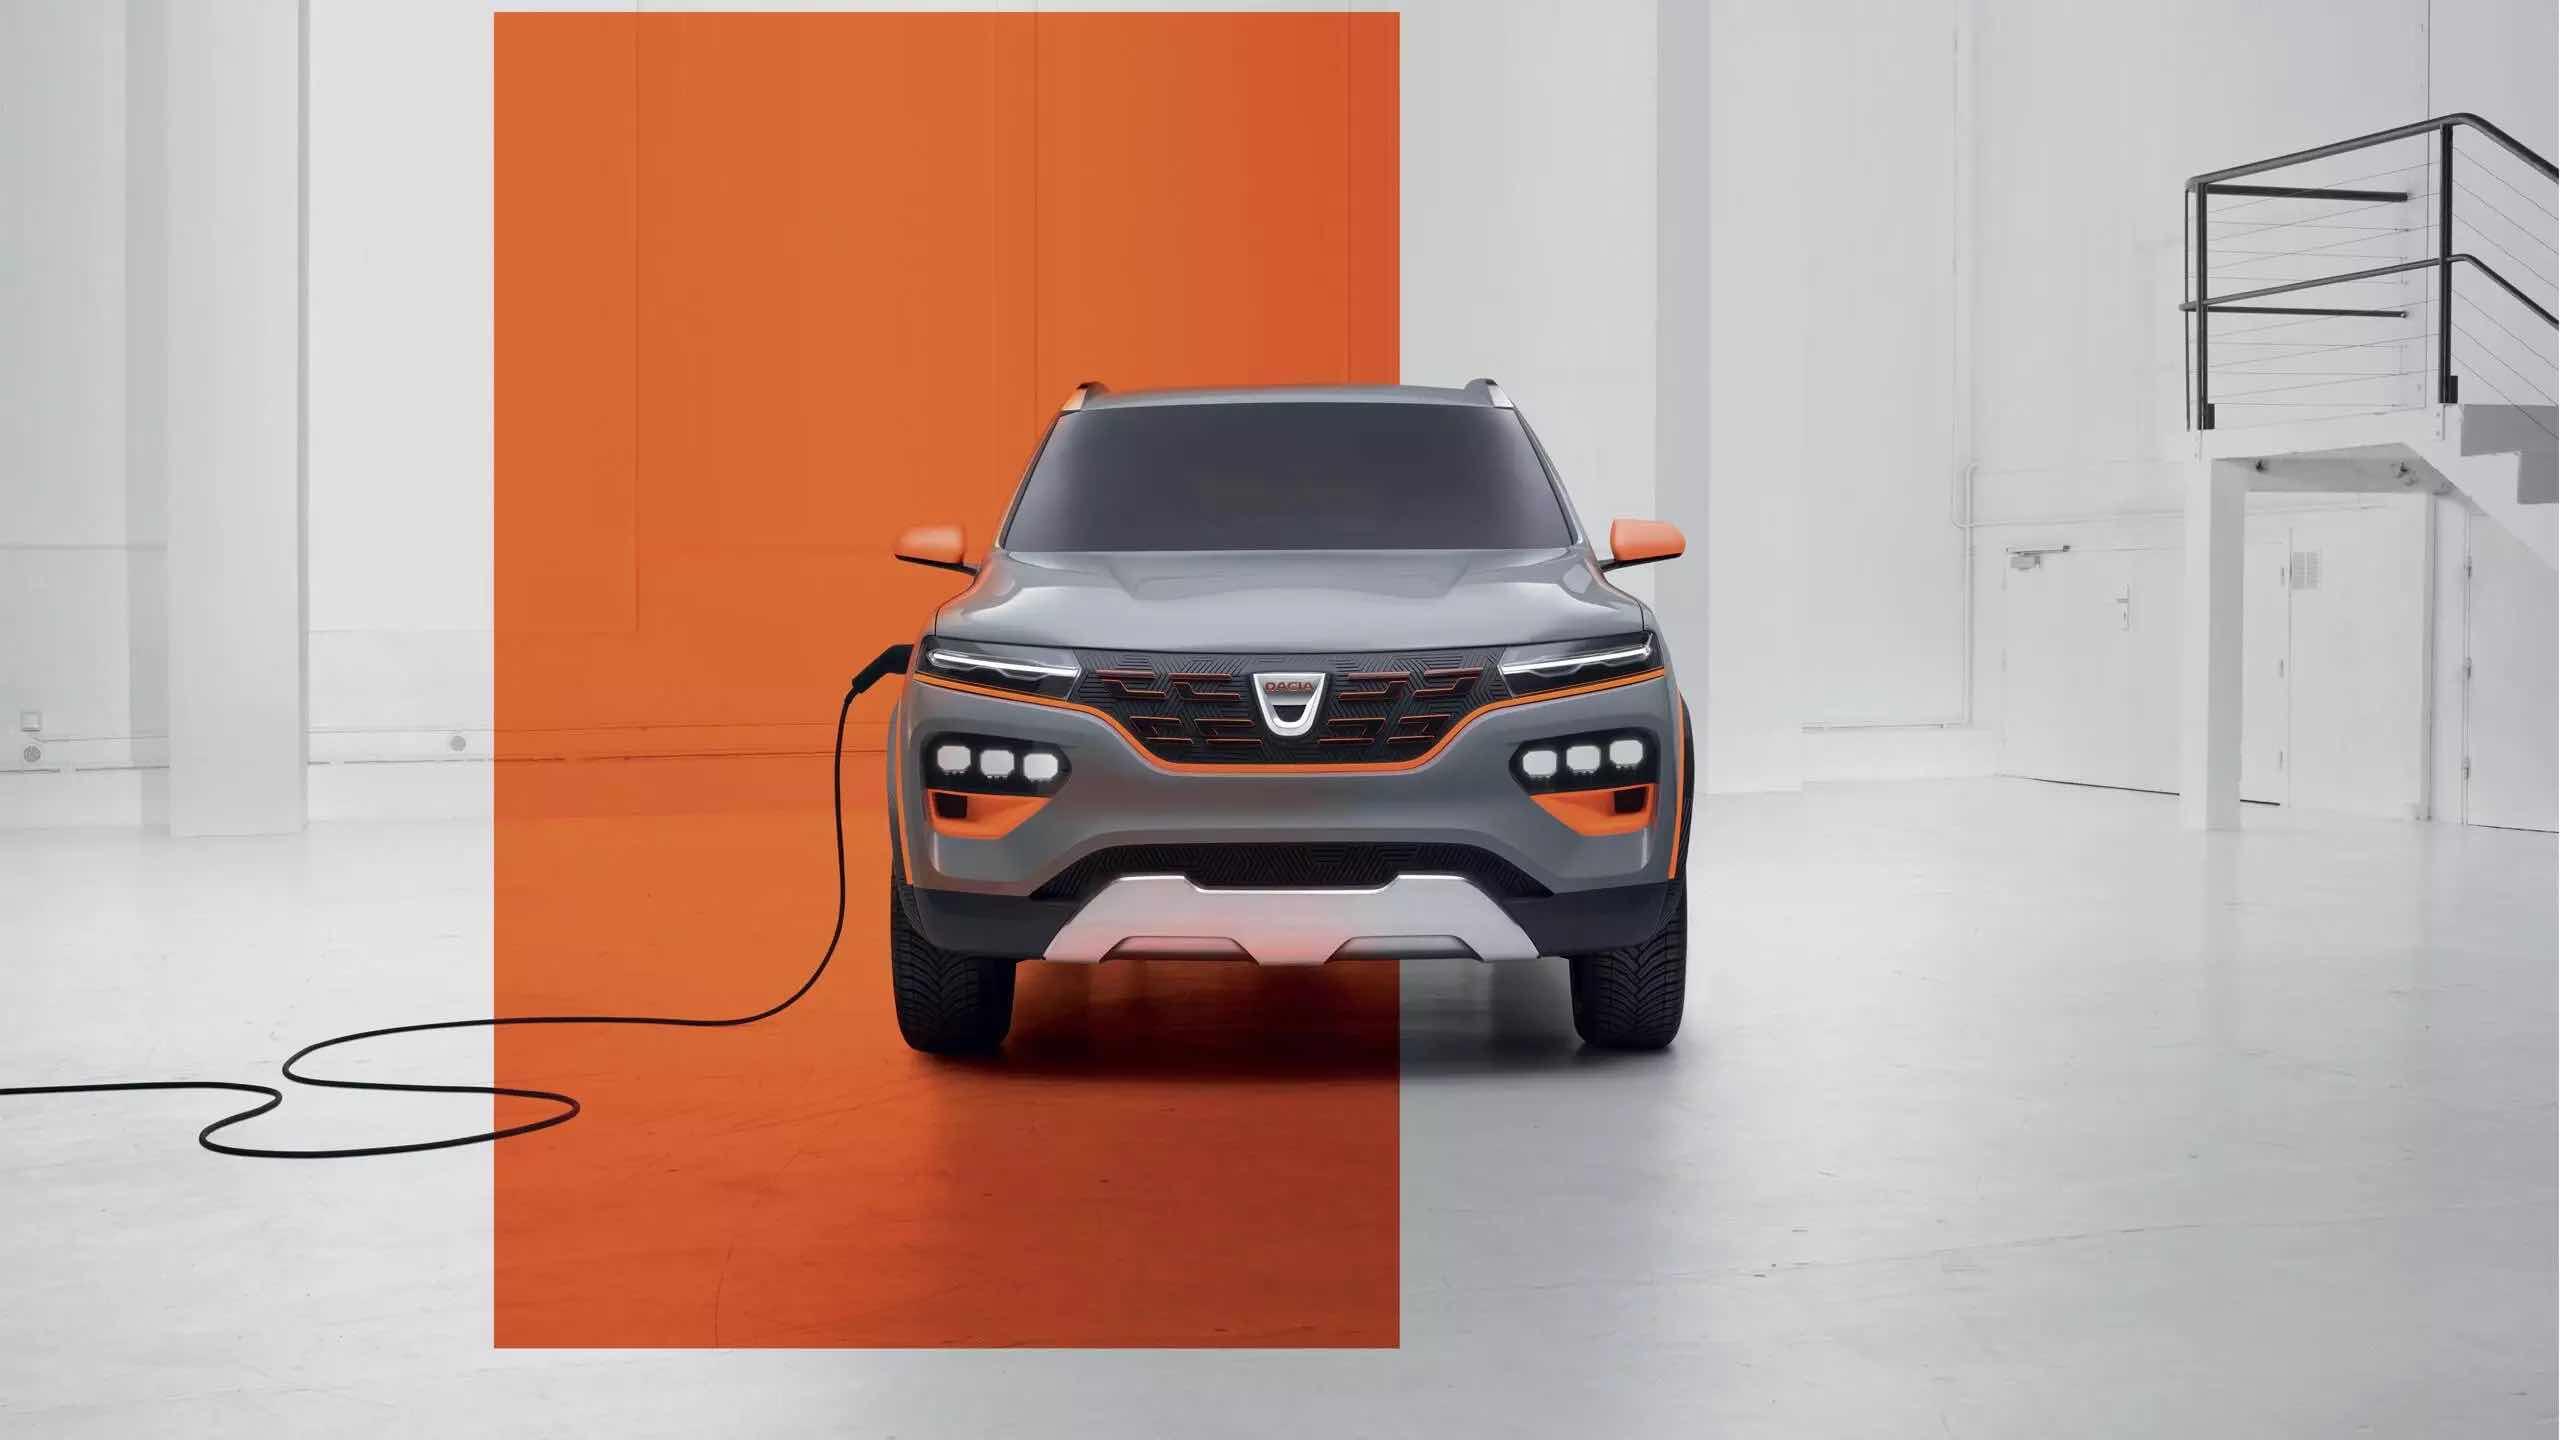 Prix de la Dacia Spring, incendie chez OVH et montre connectée de Lidl – Tech'spresso